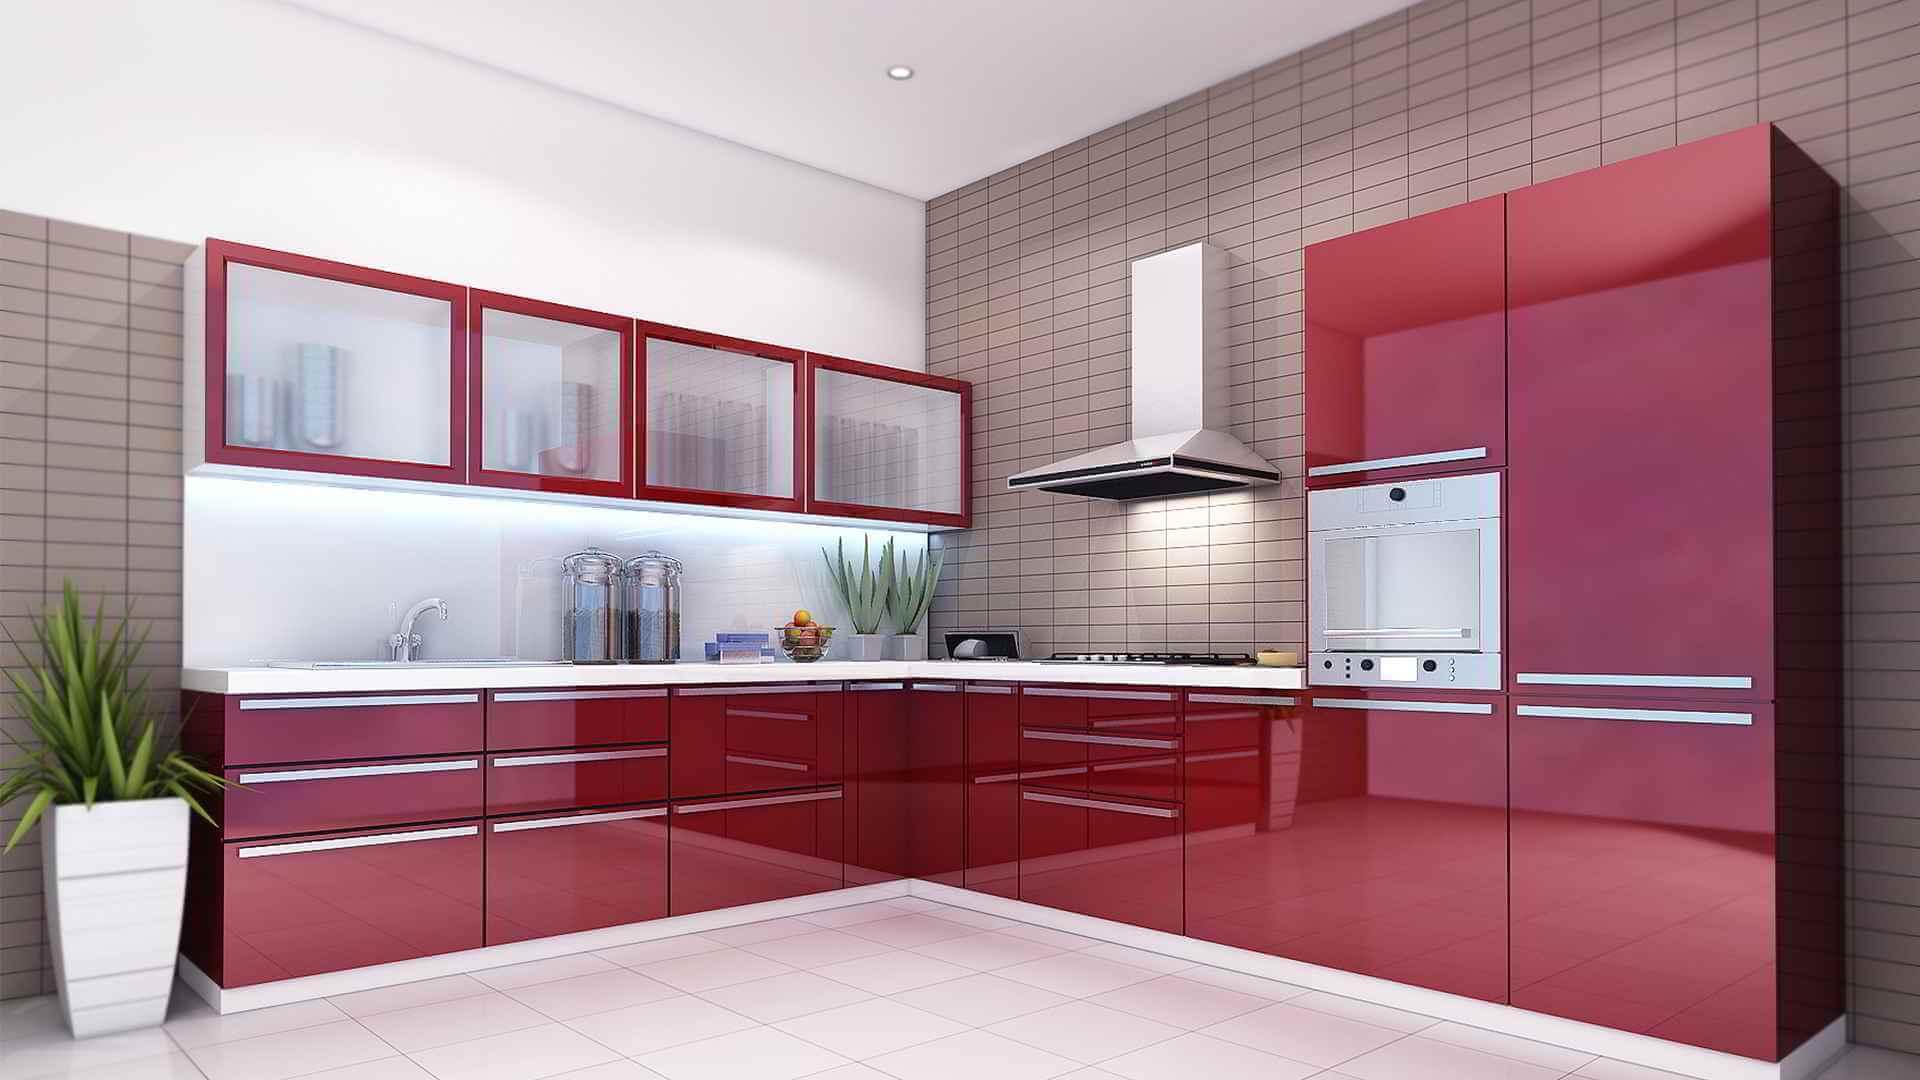 Peachy Modular Kitchen Design Course Interior Design Ideas Clesiryabchikinfo